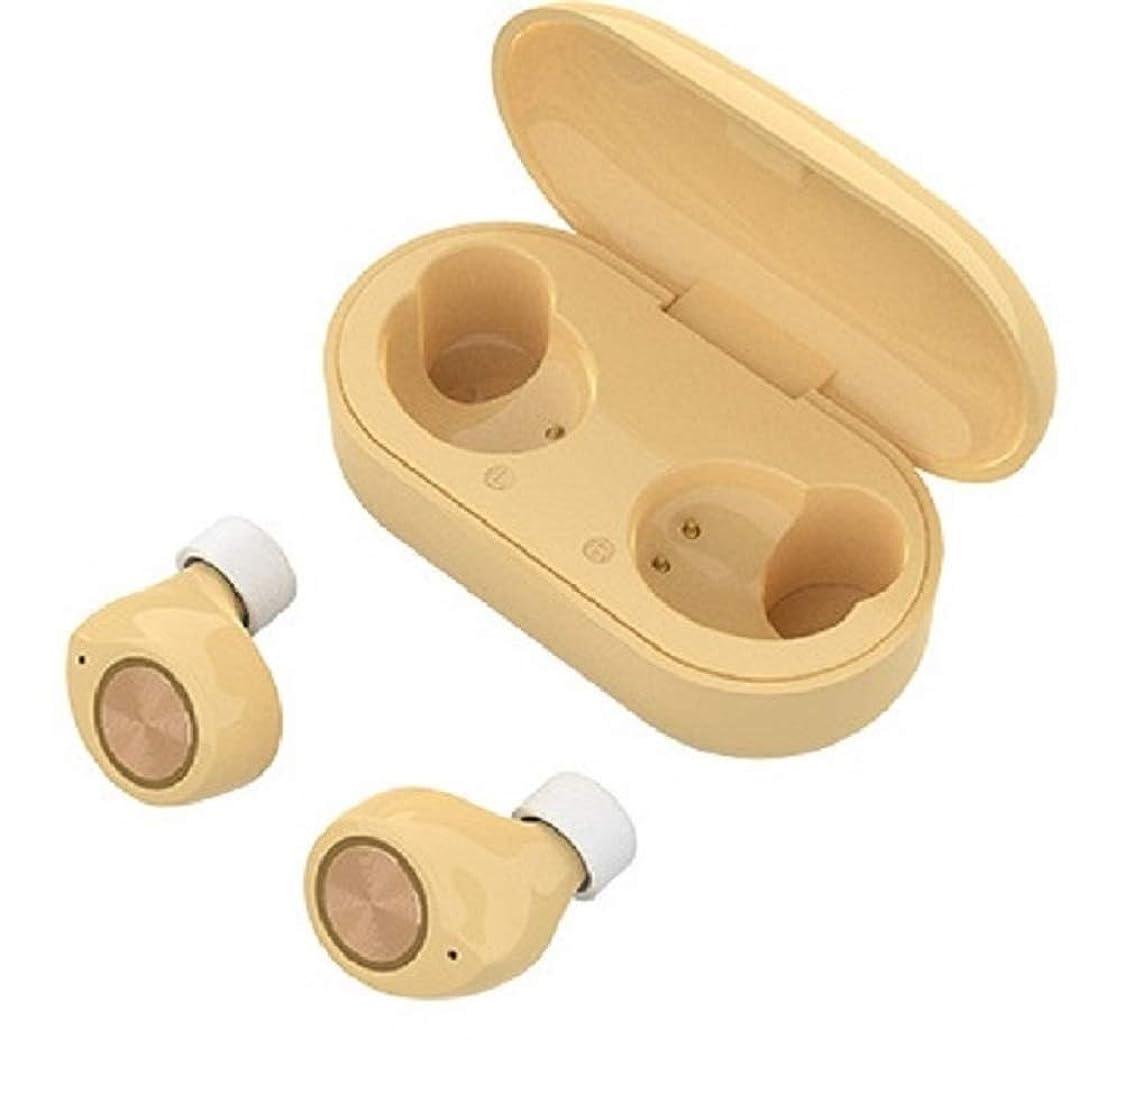 狼合唱団オークXOYA ワイヤレスイヤホン Bluetooth 5.0 完全ワイヤレス イヤホン Bluetooth イヤホン 自動ペアリング 左右独立型 マイク内蔵 両耳通話 防水 小型 軽量 ブルートゥース ヘッドホン トゥルーワイヤレス ヘッドセット (黄色)